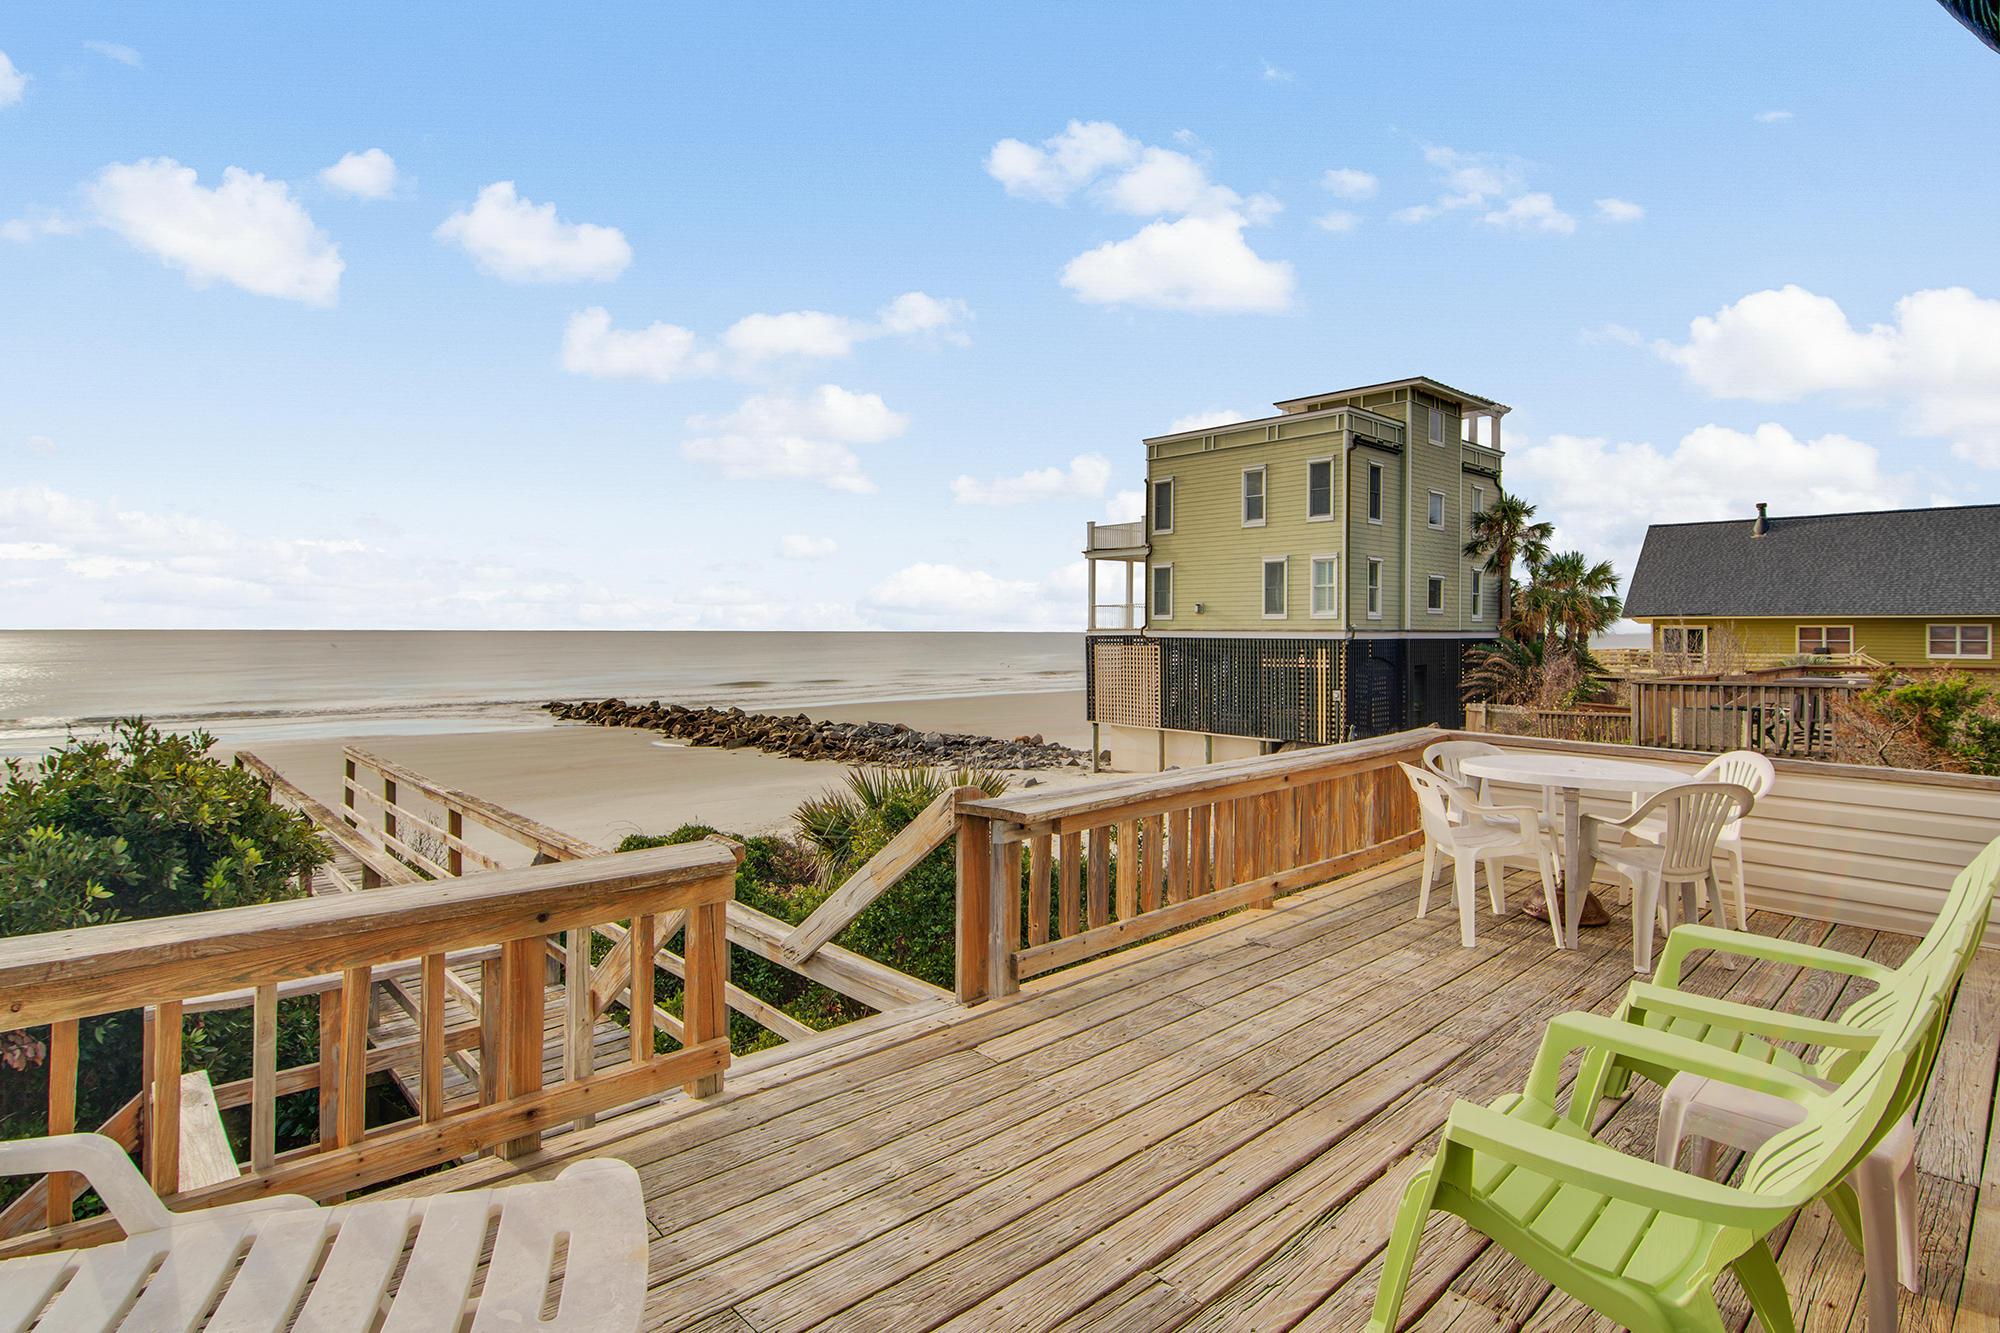 Folly Beach Homes For Sale - 1703 Ashley, Folly Beach, SC - 6